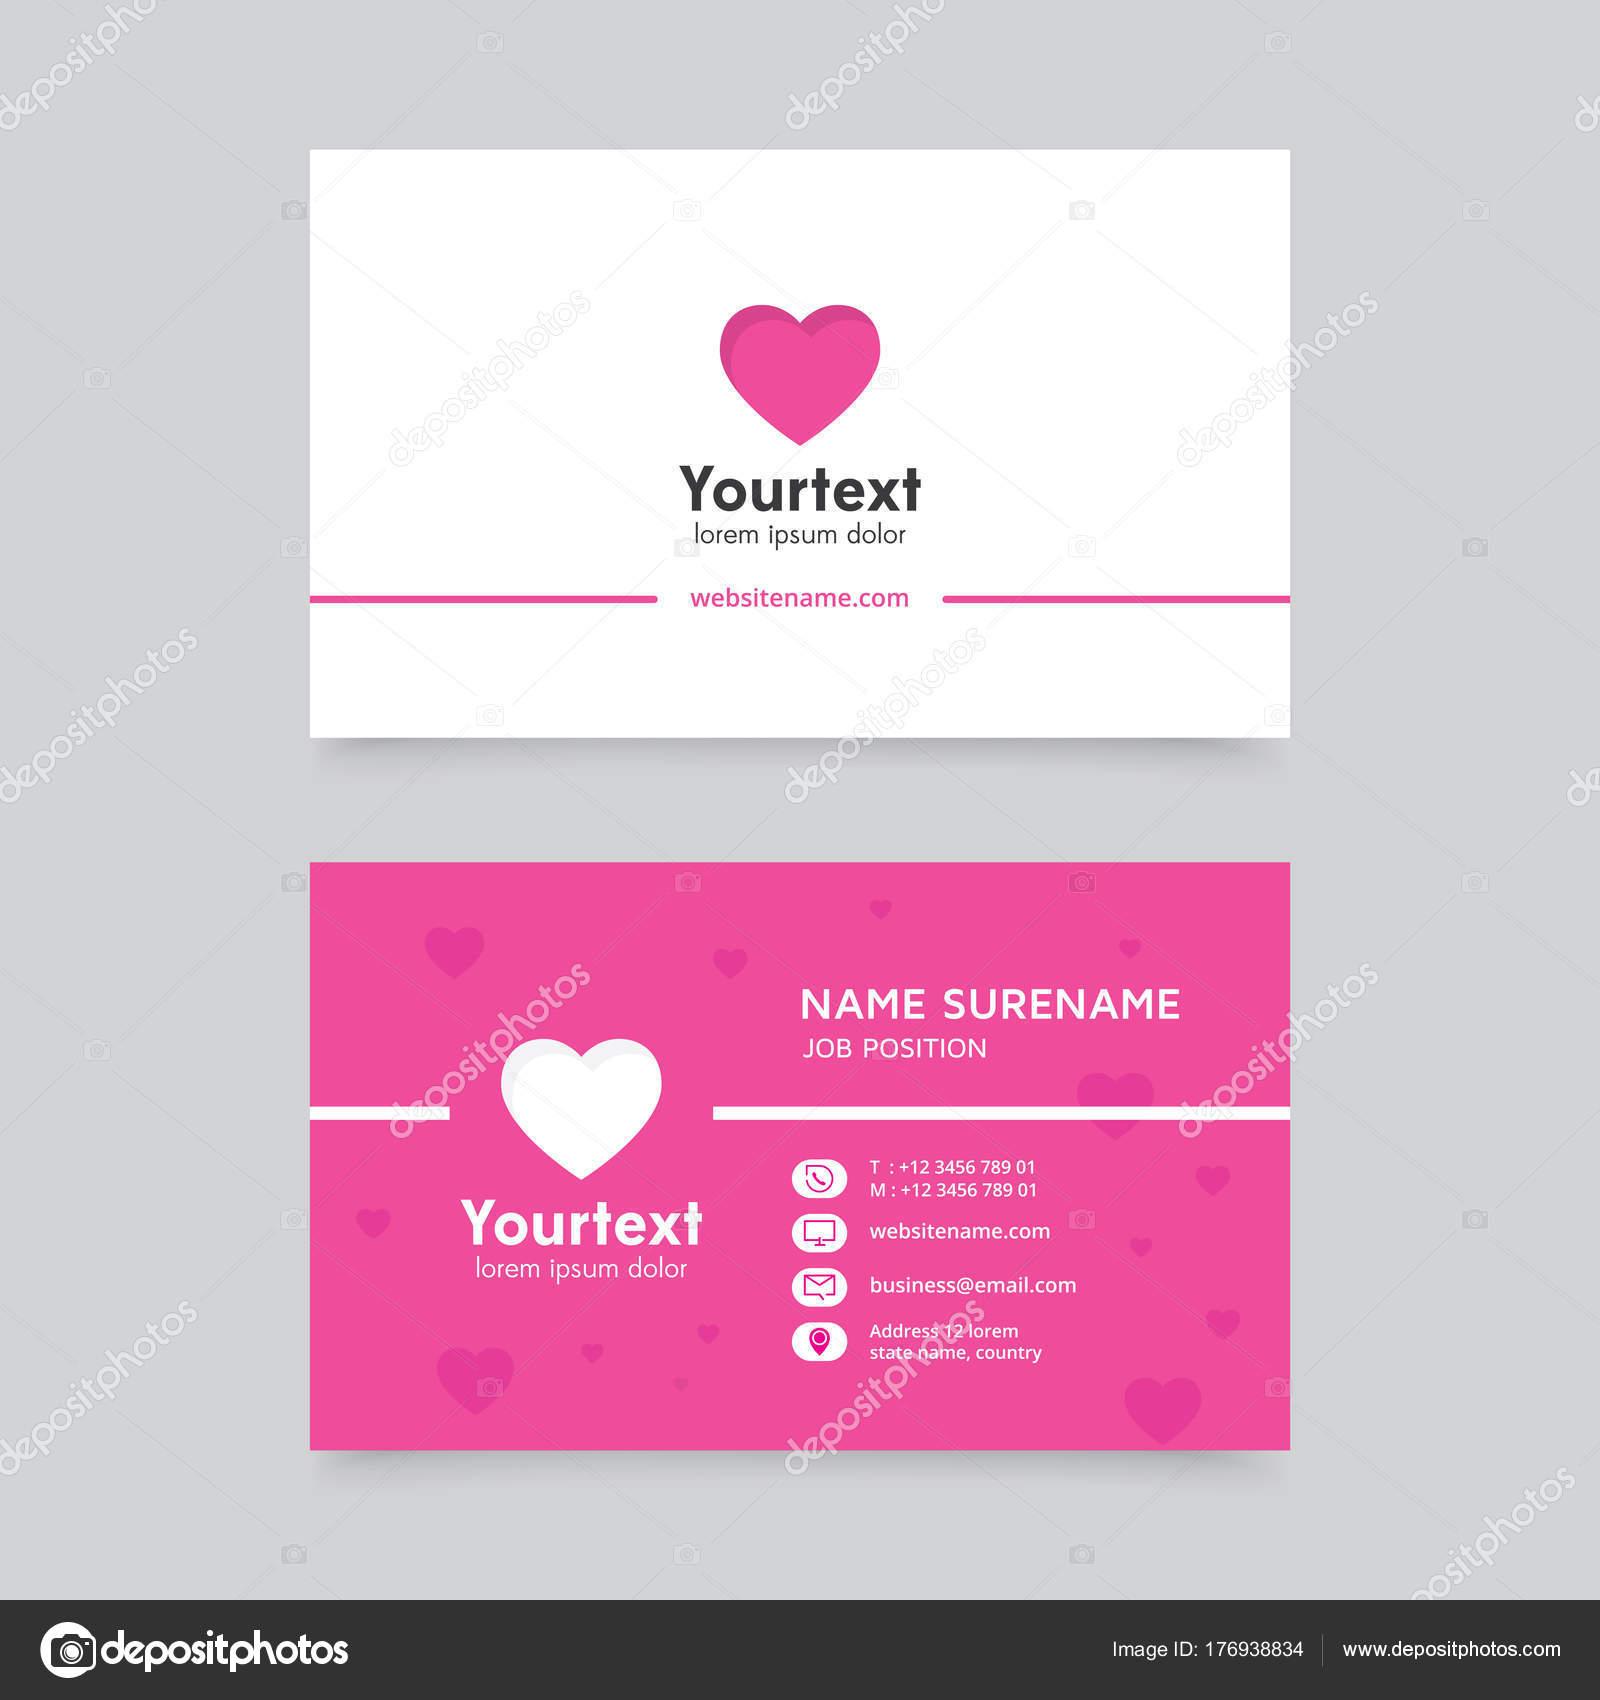 Modele De Carte Visite Avec Le Symbole Latre Moderne Creative Et Propre Vecteur Design Plat La Couleur Rose